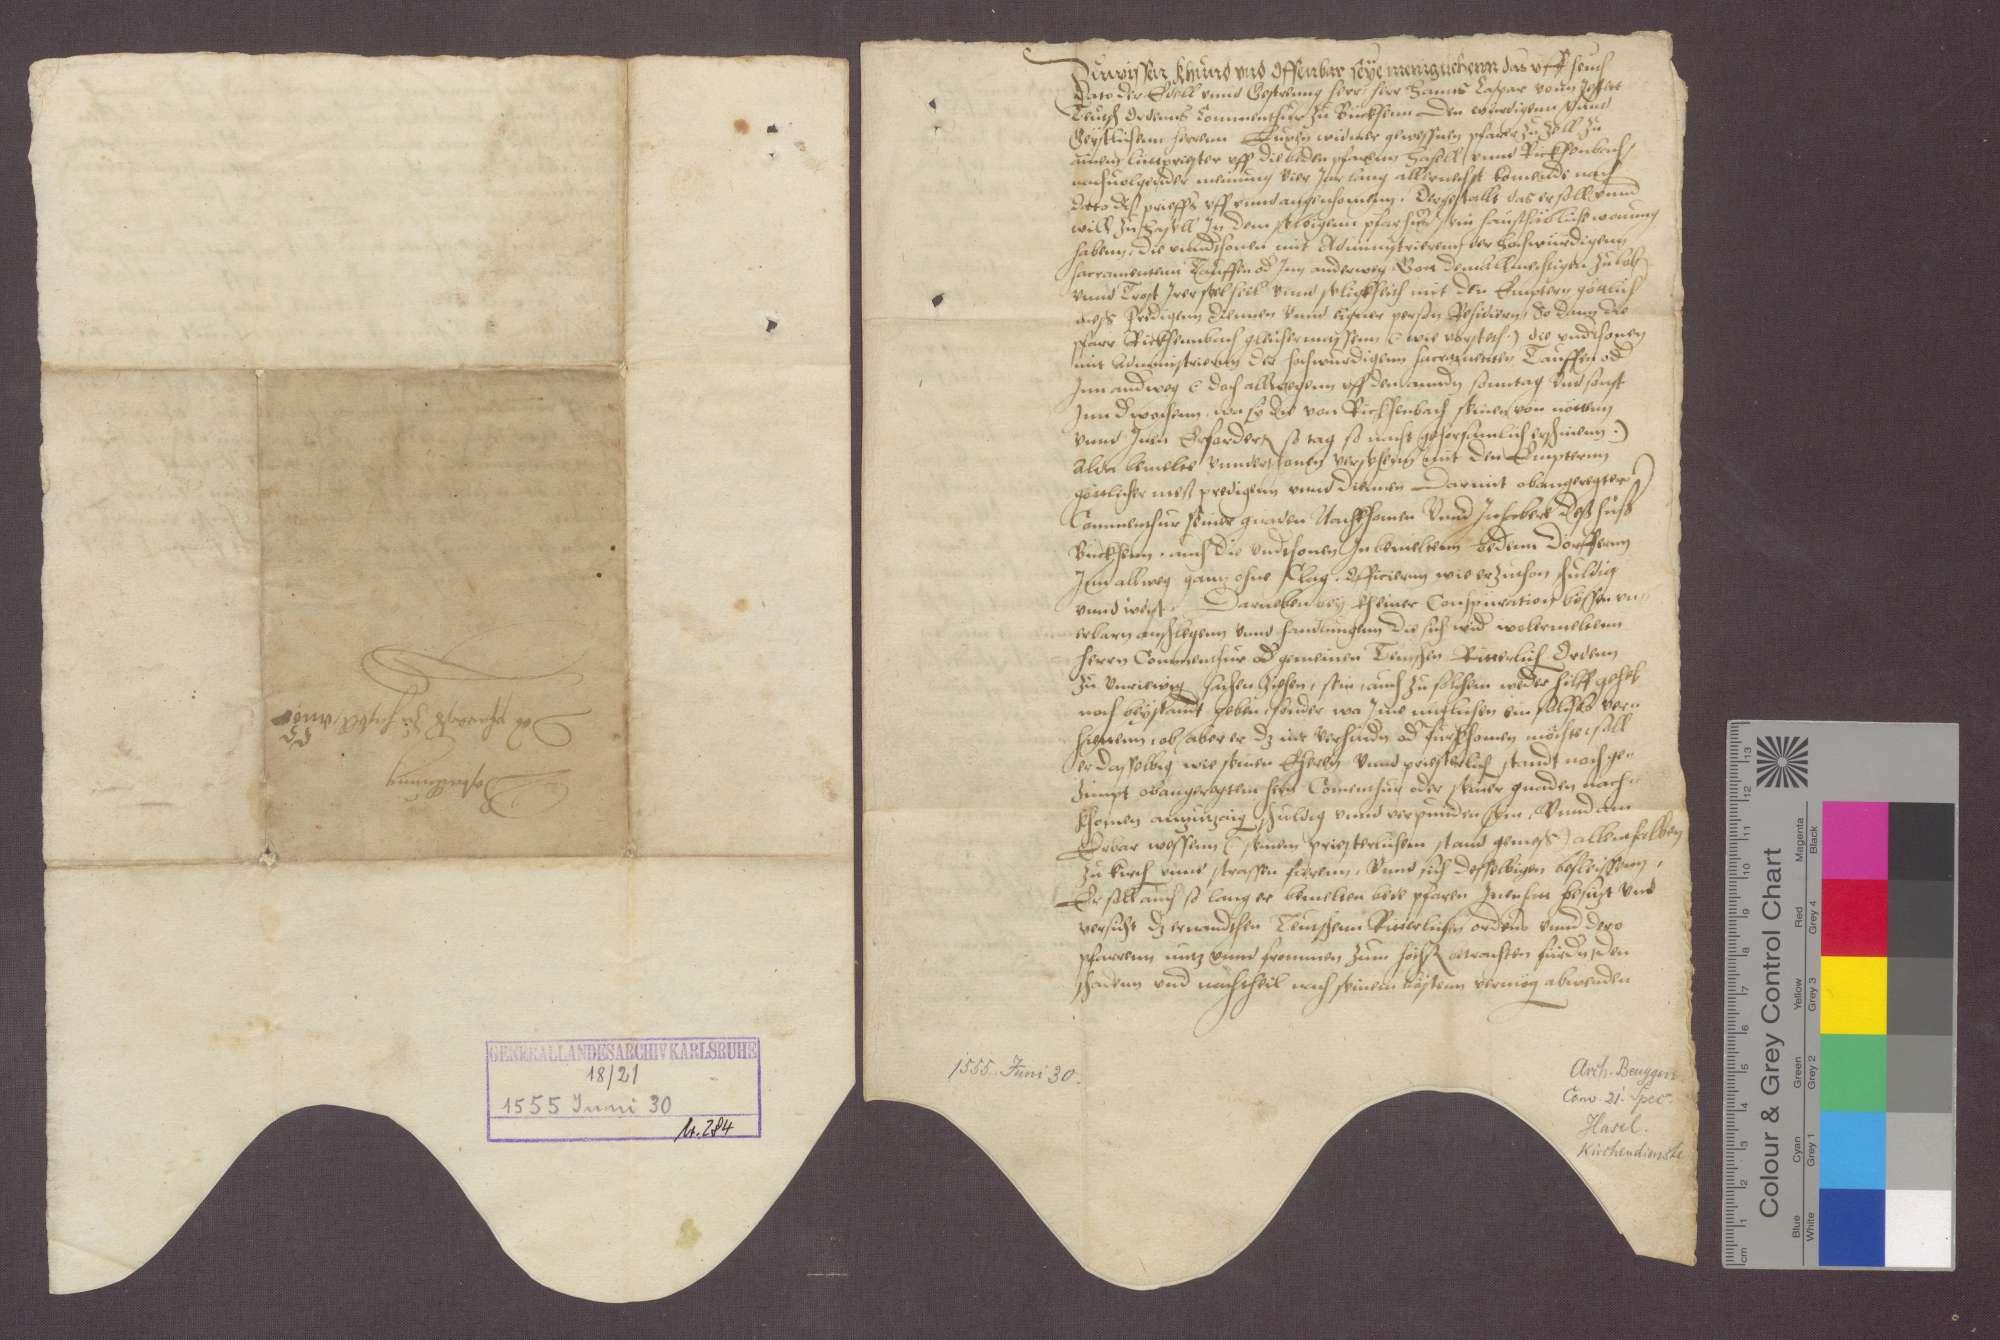 Hans Kaspar von Jestetten, Komtur zu Beuggen, überträgt Luz Widmer, vormaligem Pfarrer zu Zell, die Pfarreien zu Hasel und Rickenbach auf vier Jahre. Die Kompetenzen sind in der Urkunde aufgeführt., Bild 3